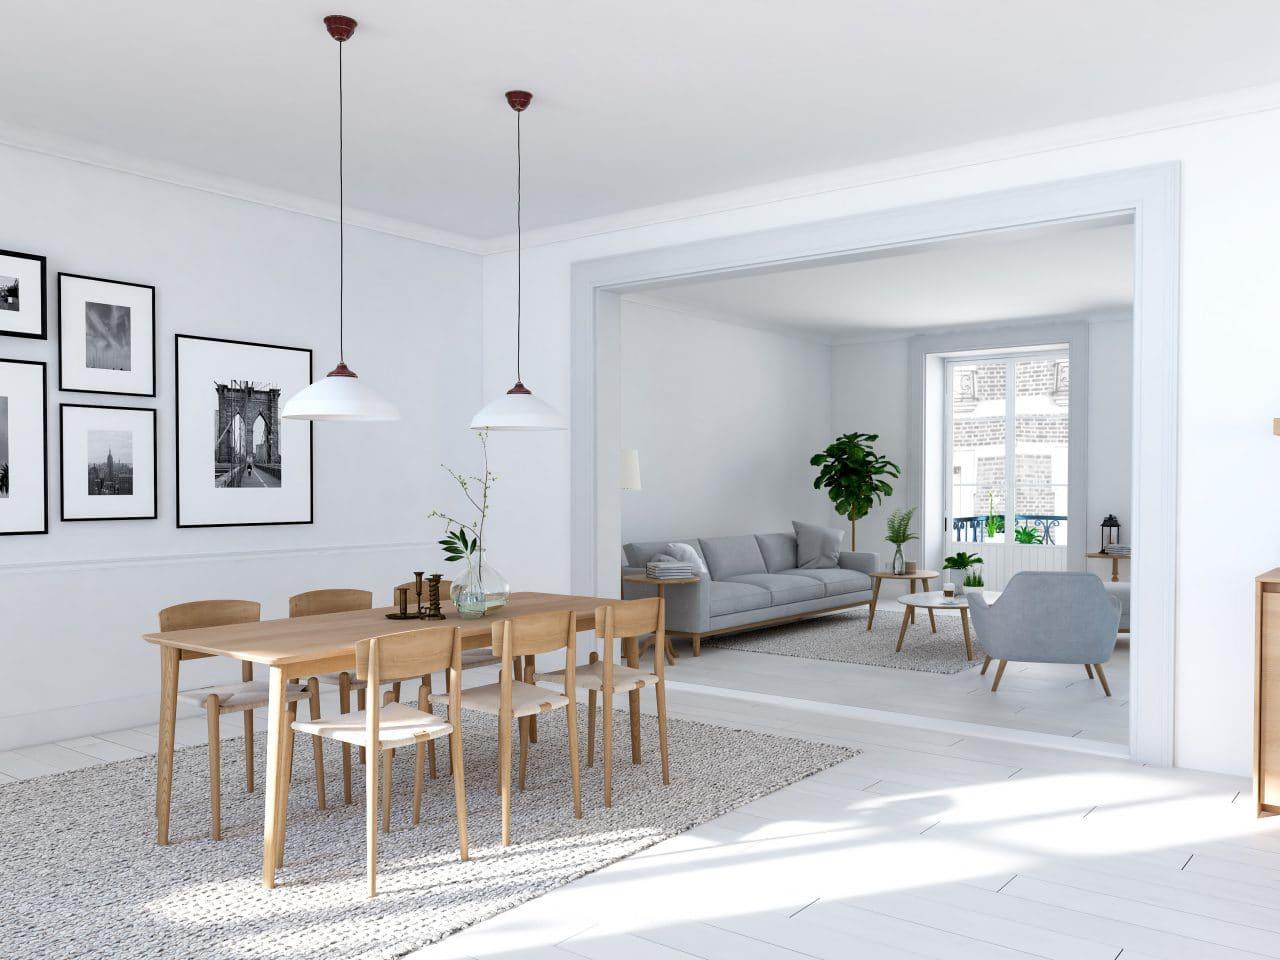 rénovation appartement à Grenoble - salle à manger par illiCO travaux